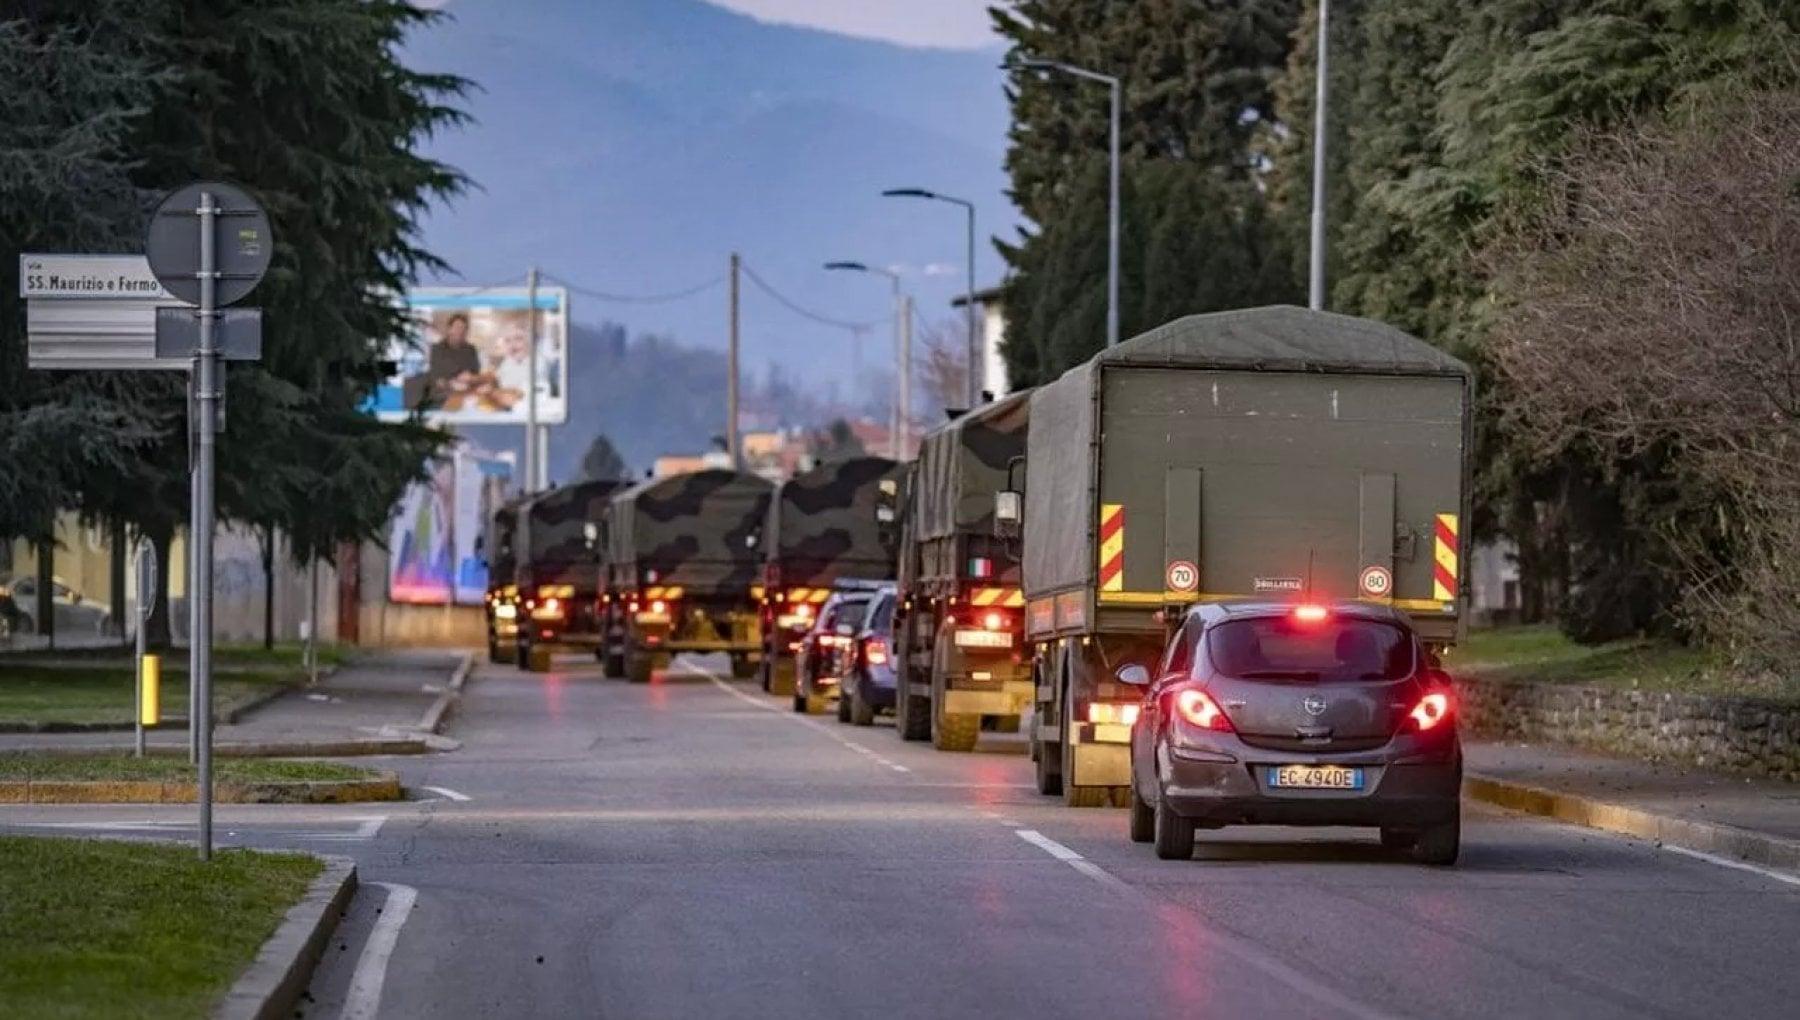 Covid comune di Bergamo querela consigliera leghista negazionista. Eleonora Leoncini Il camion di bare era una fake news